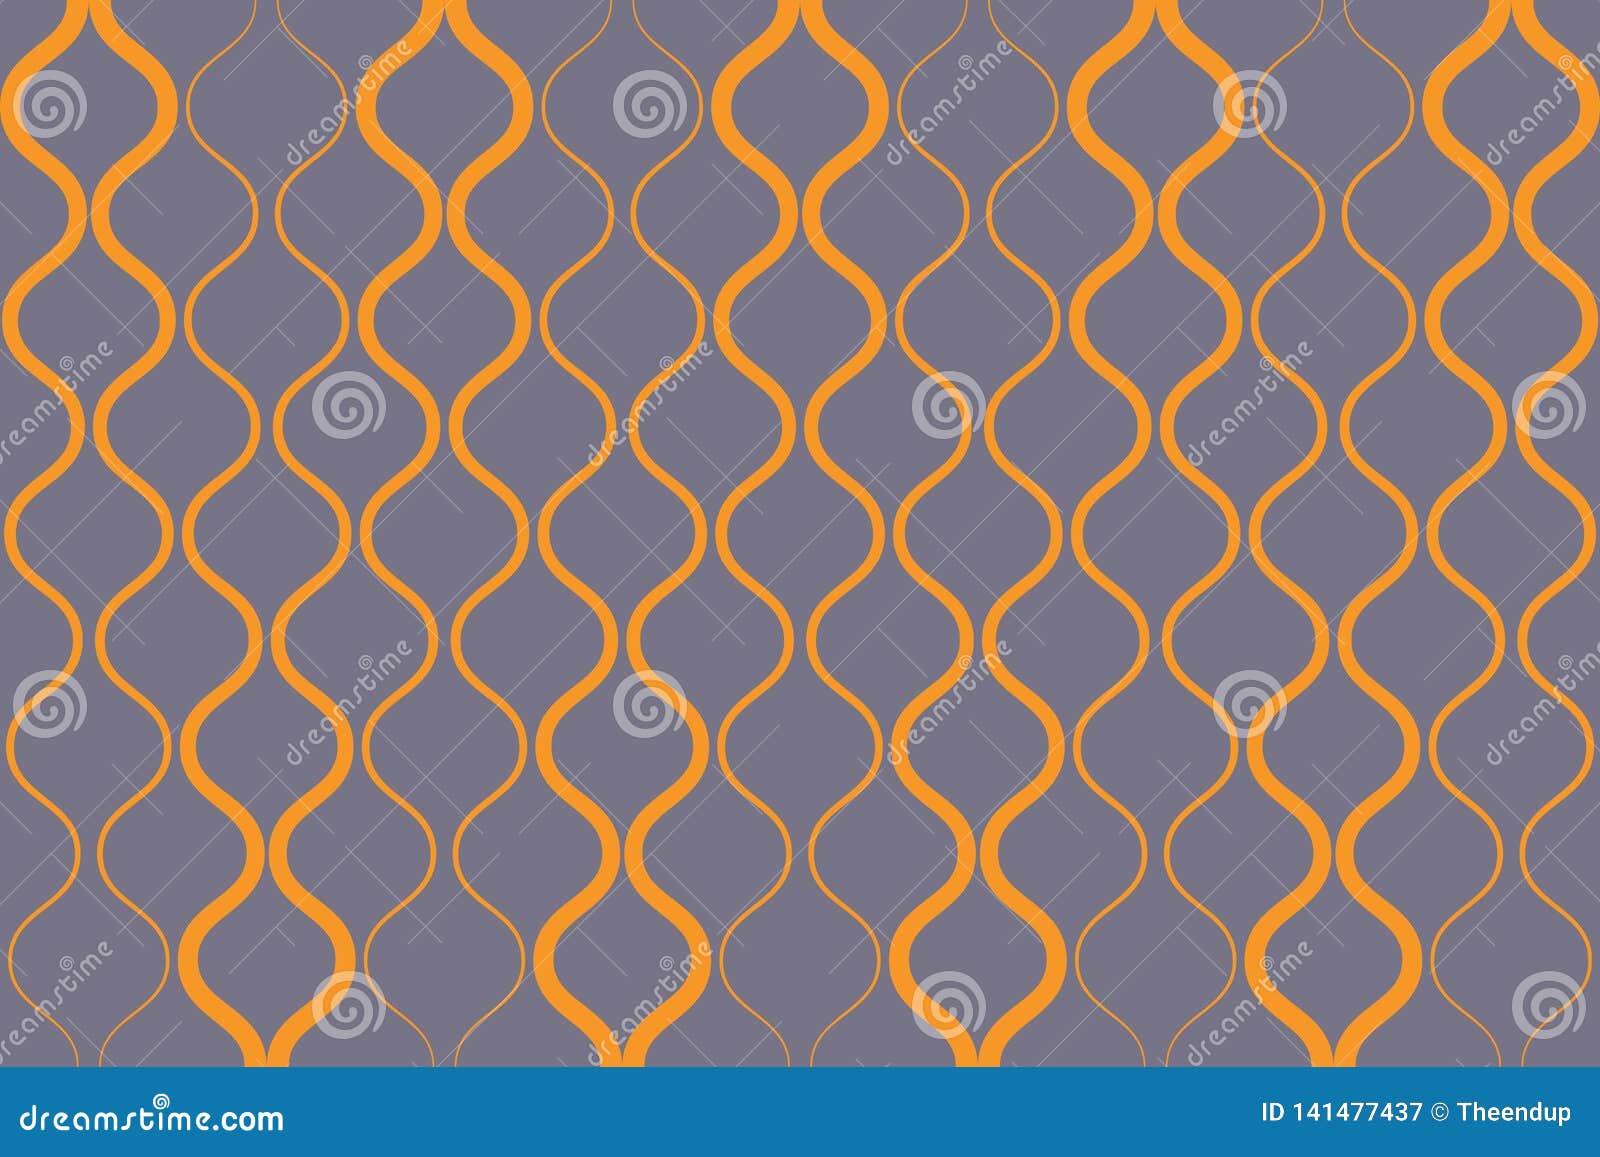 Modelo inconsútil, abstracto del fondo hecho con las líneas coloreadas amarillas con curvas